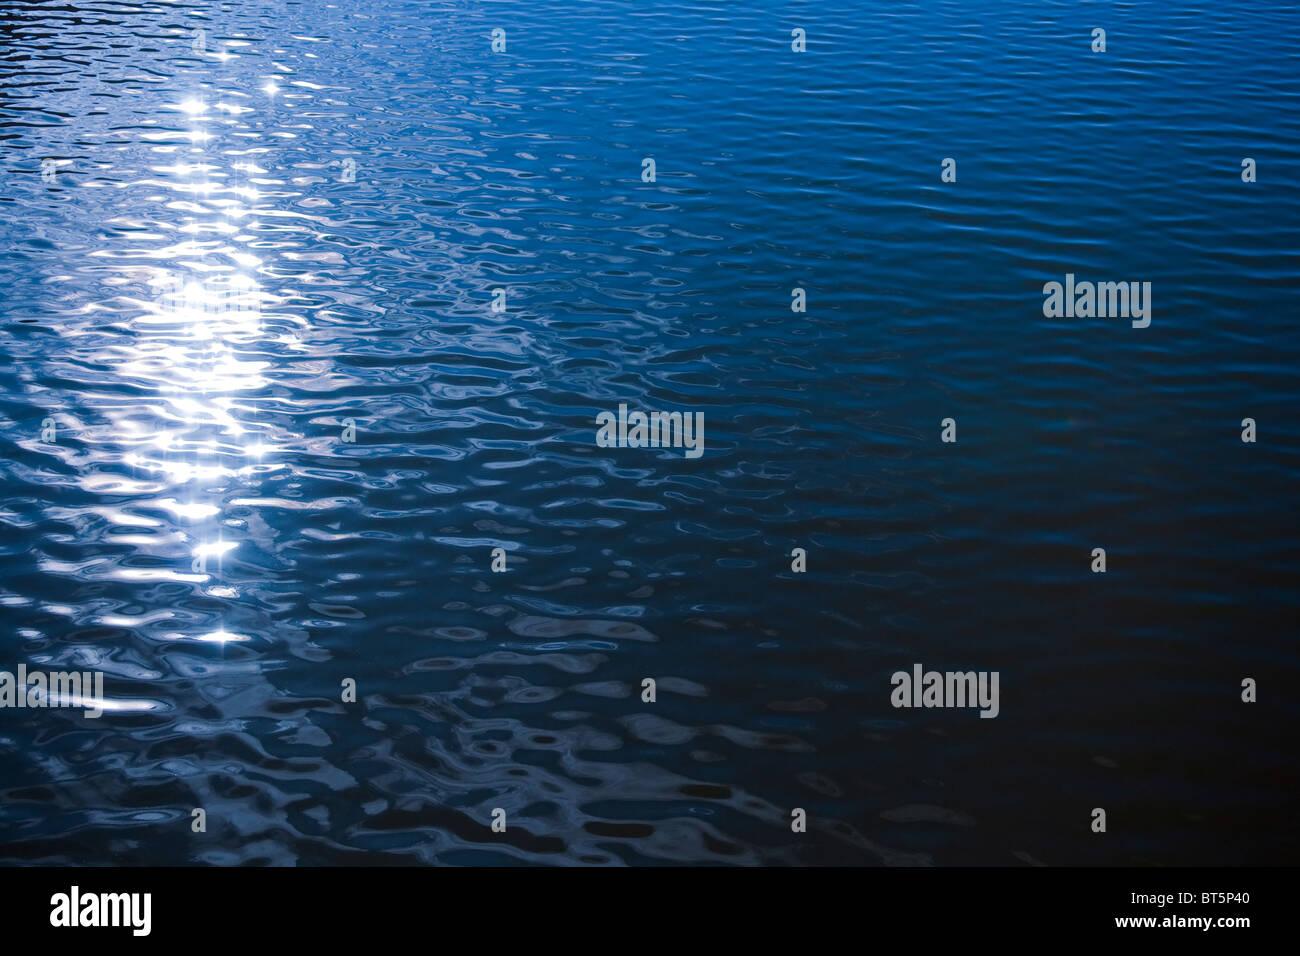 La réflexion du soleil dans rippled water surface image naturelle . Photo Stock